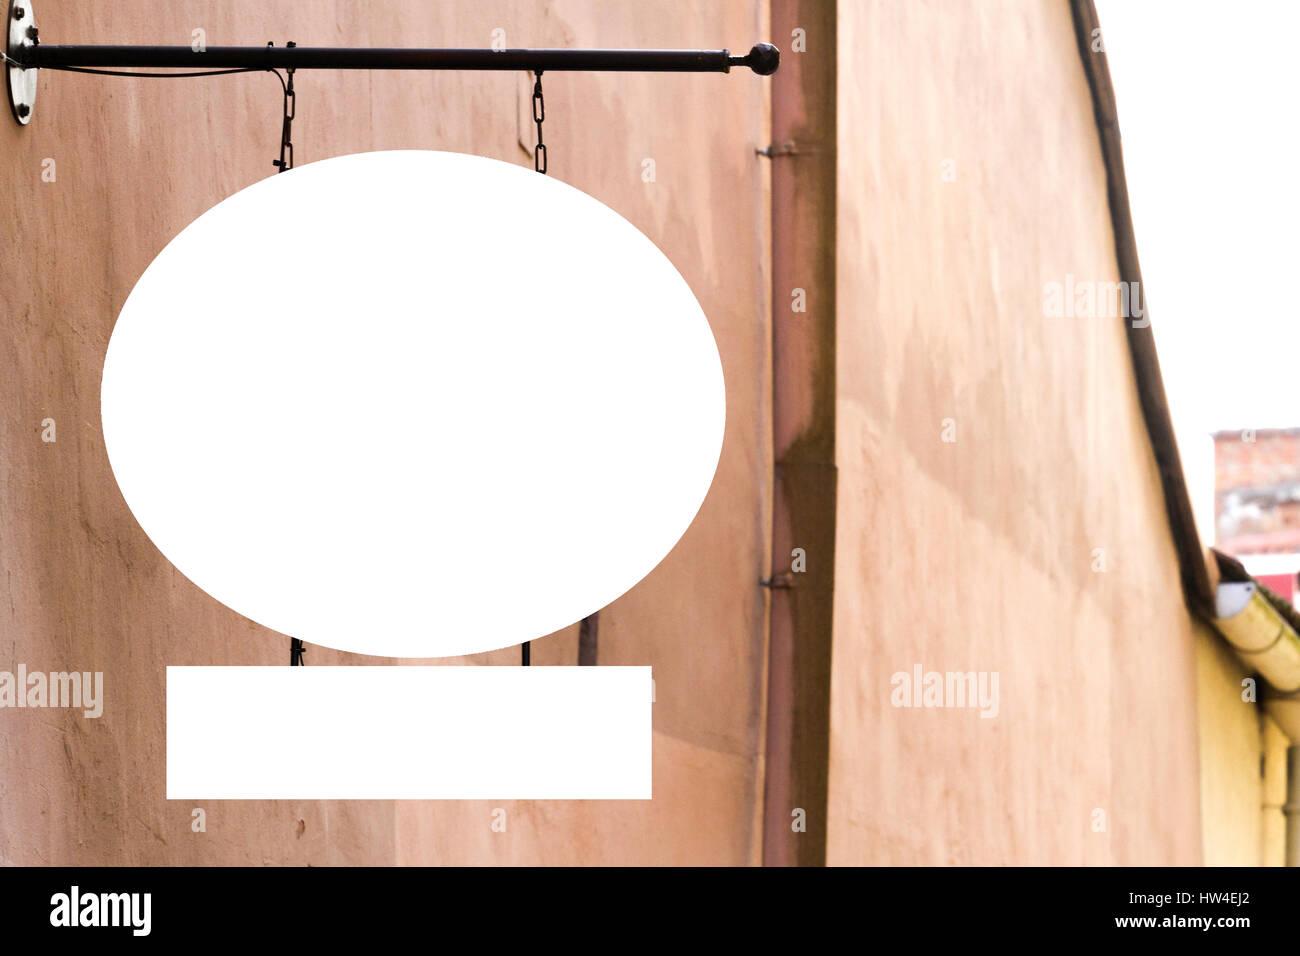 Leere Schild an der Wand im Freien, mock-up Stockfoto, Bild ...